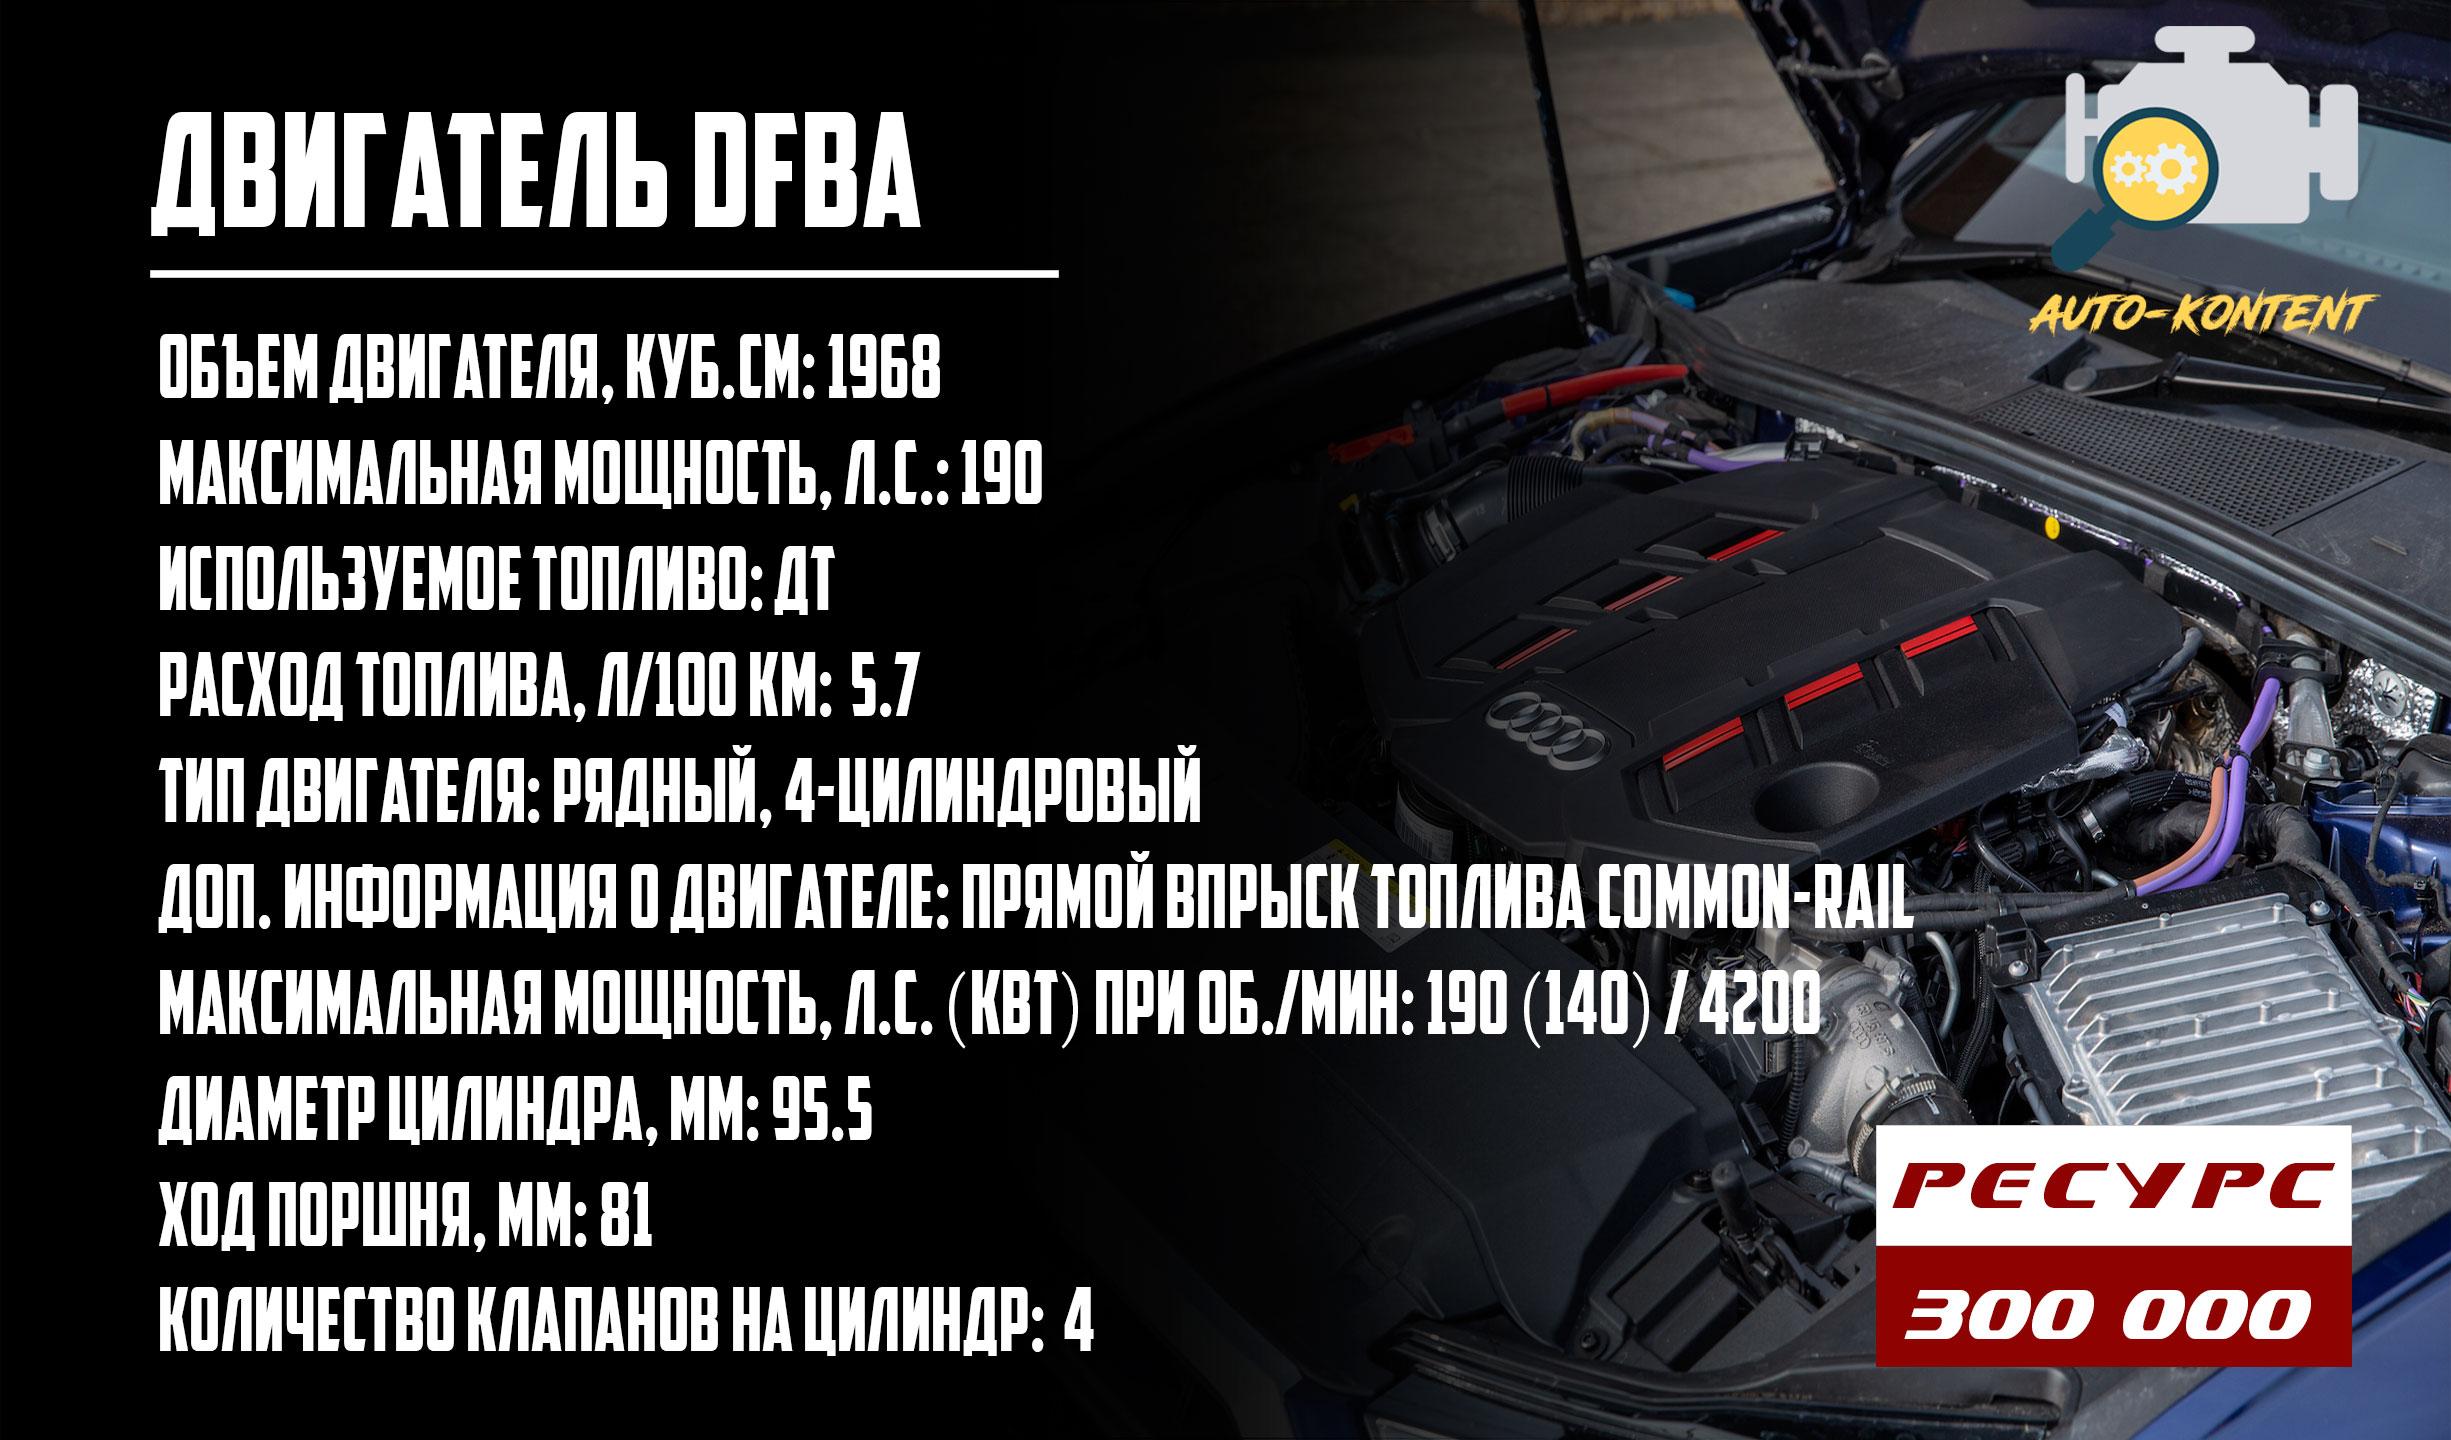 Ресурс двигателя DFBA